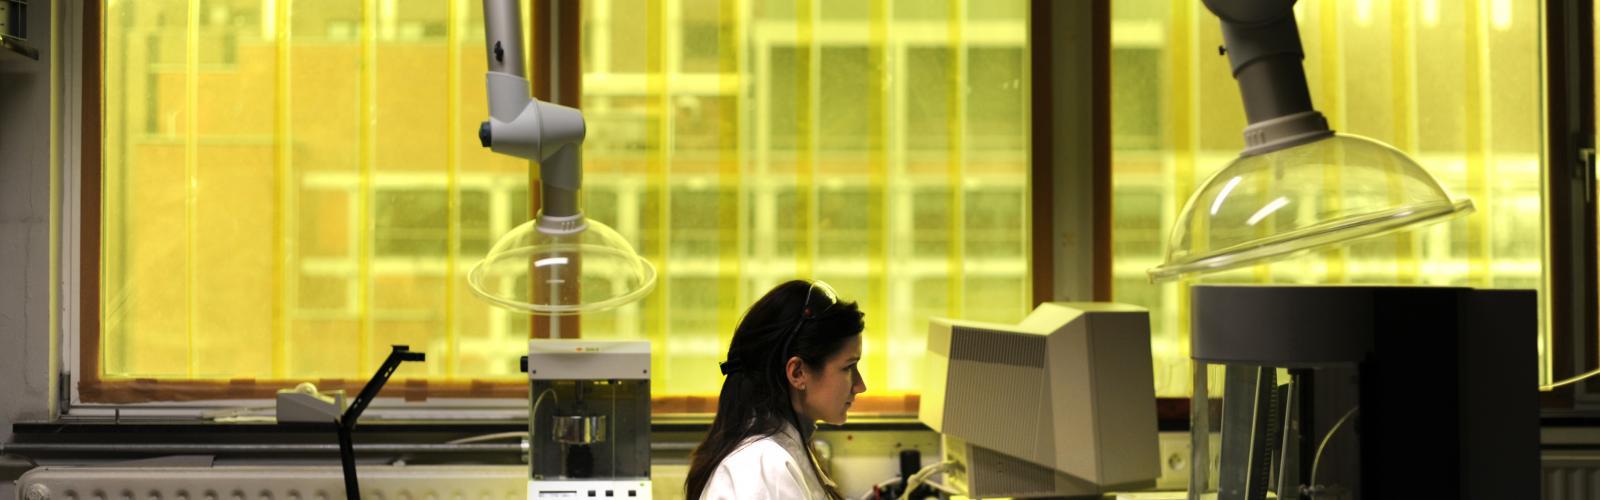 testen in labo